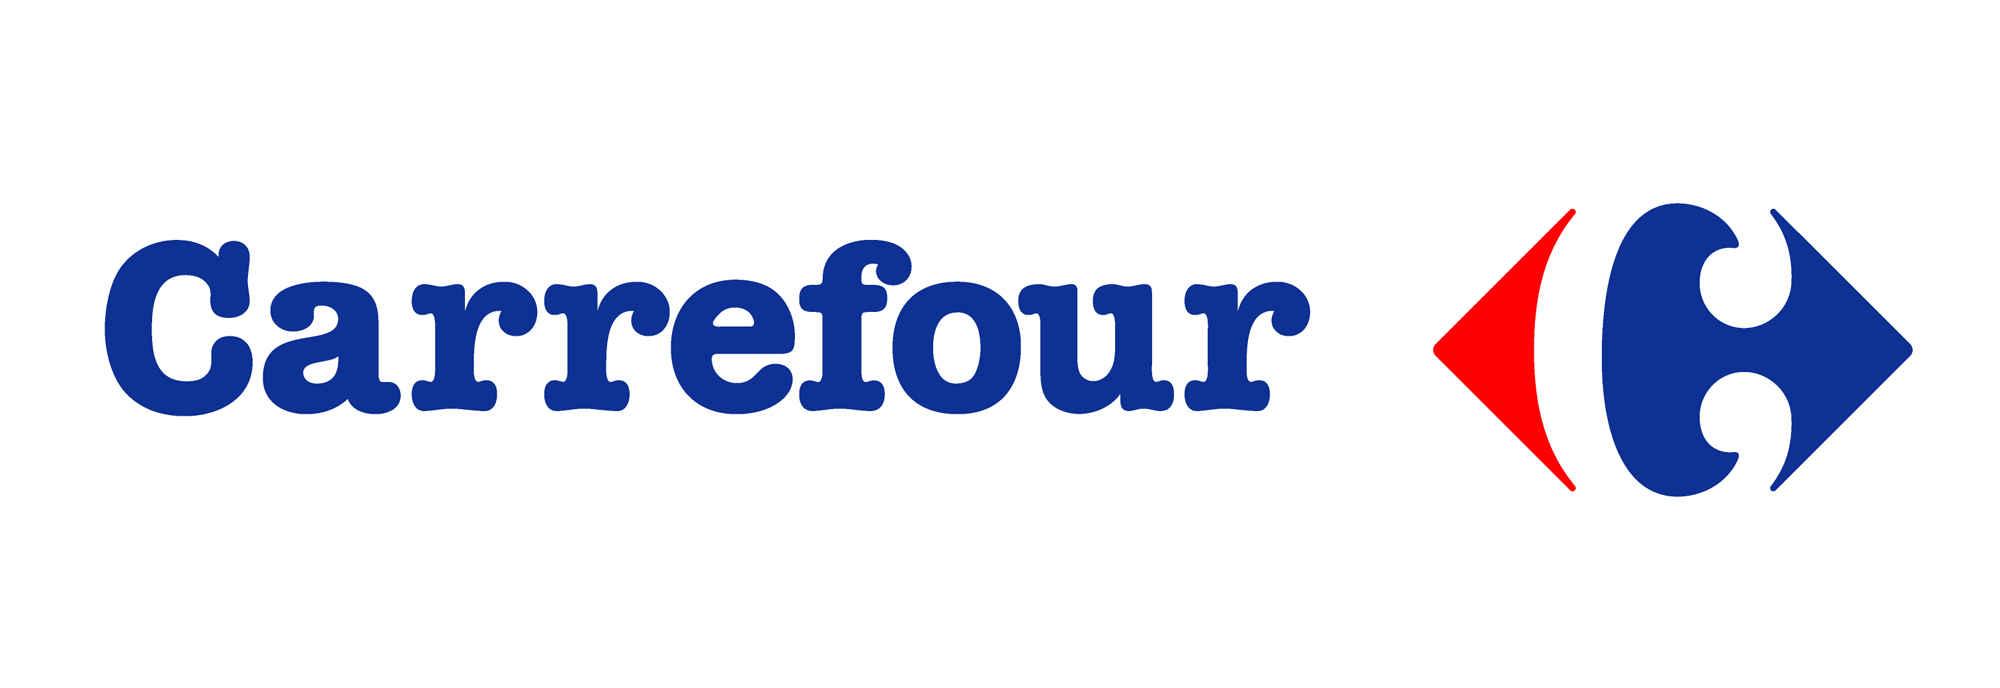 ahorro con los códigos descuento Carrefour